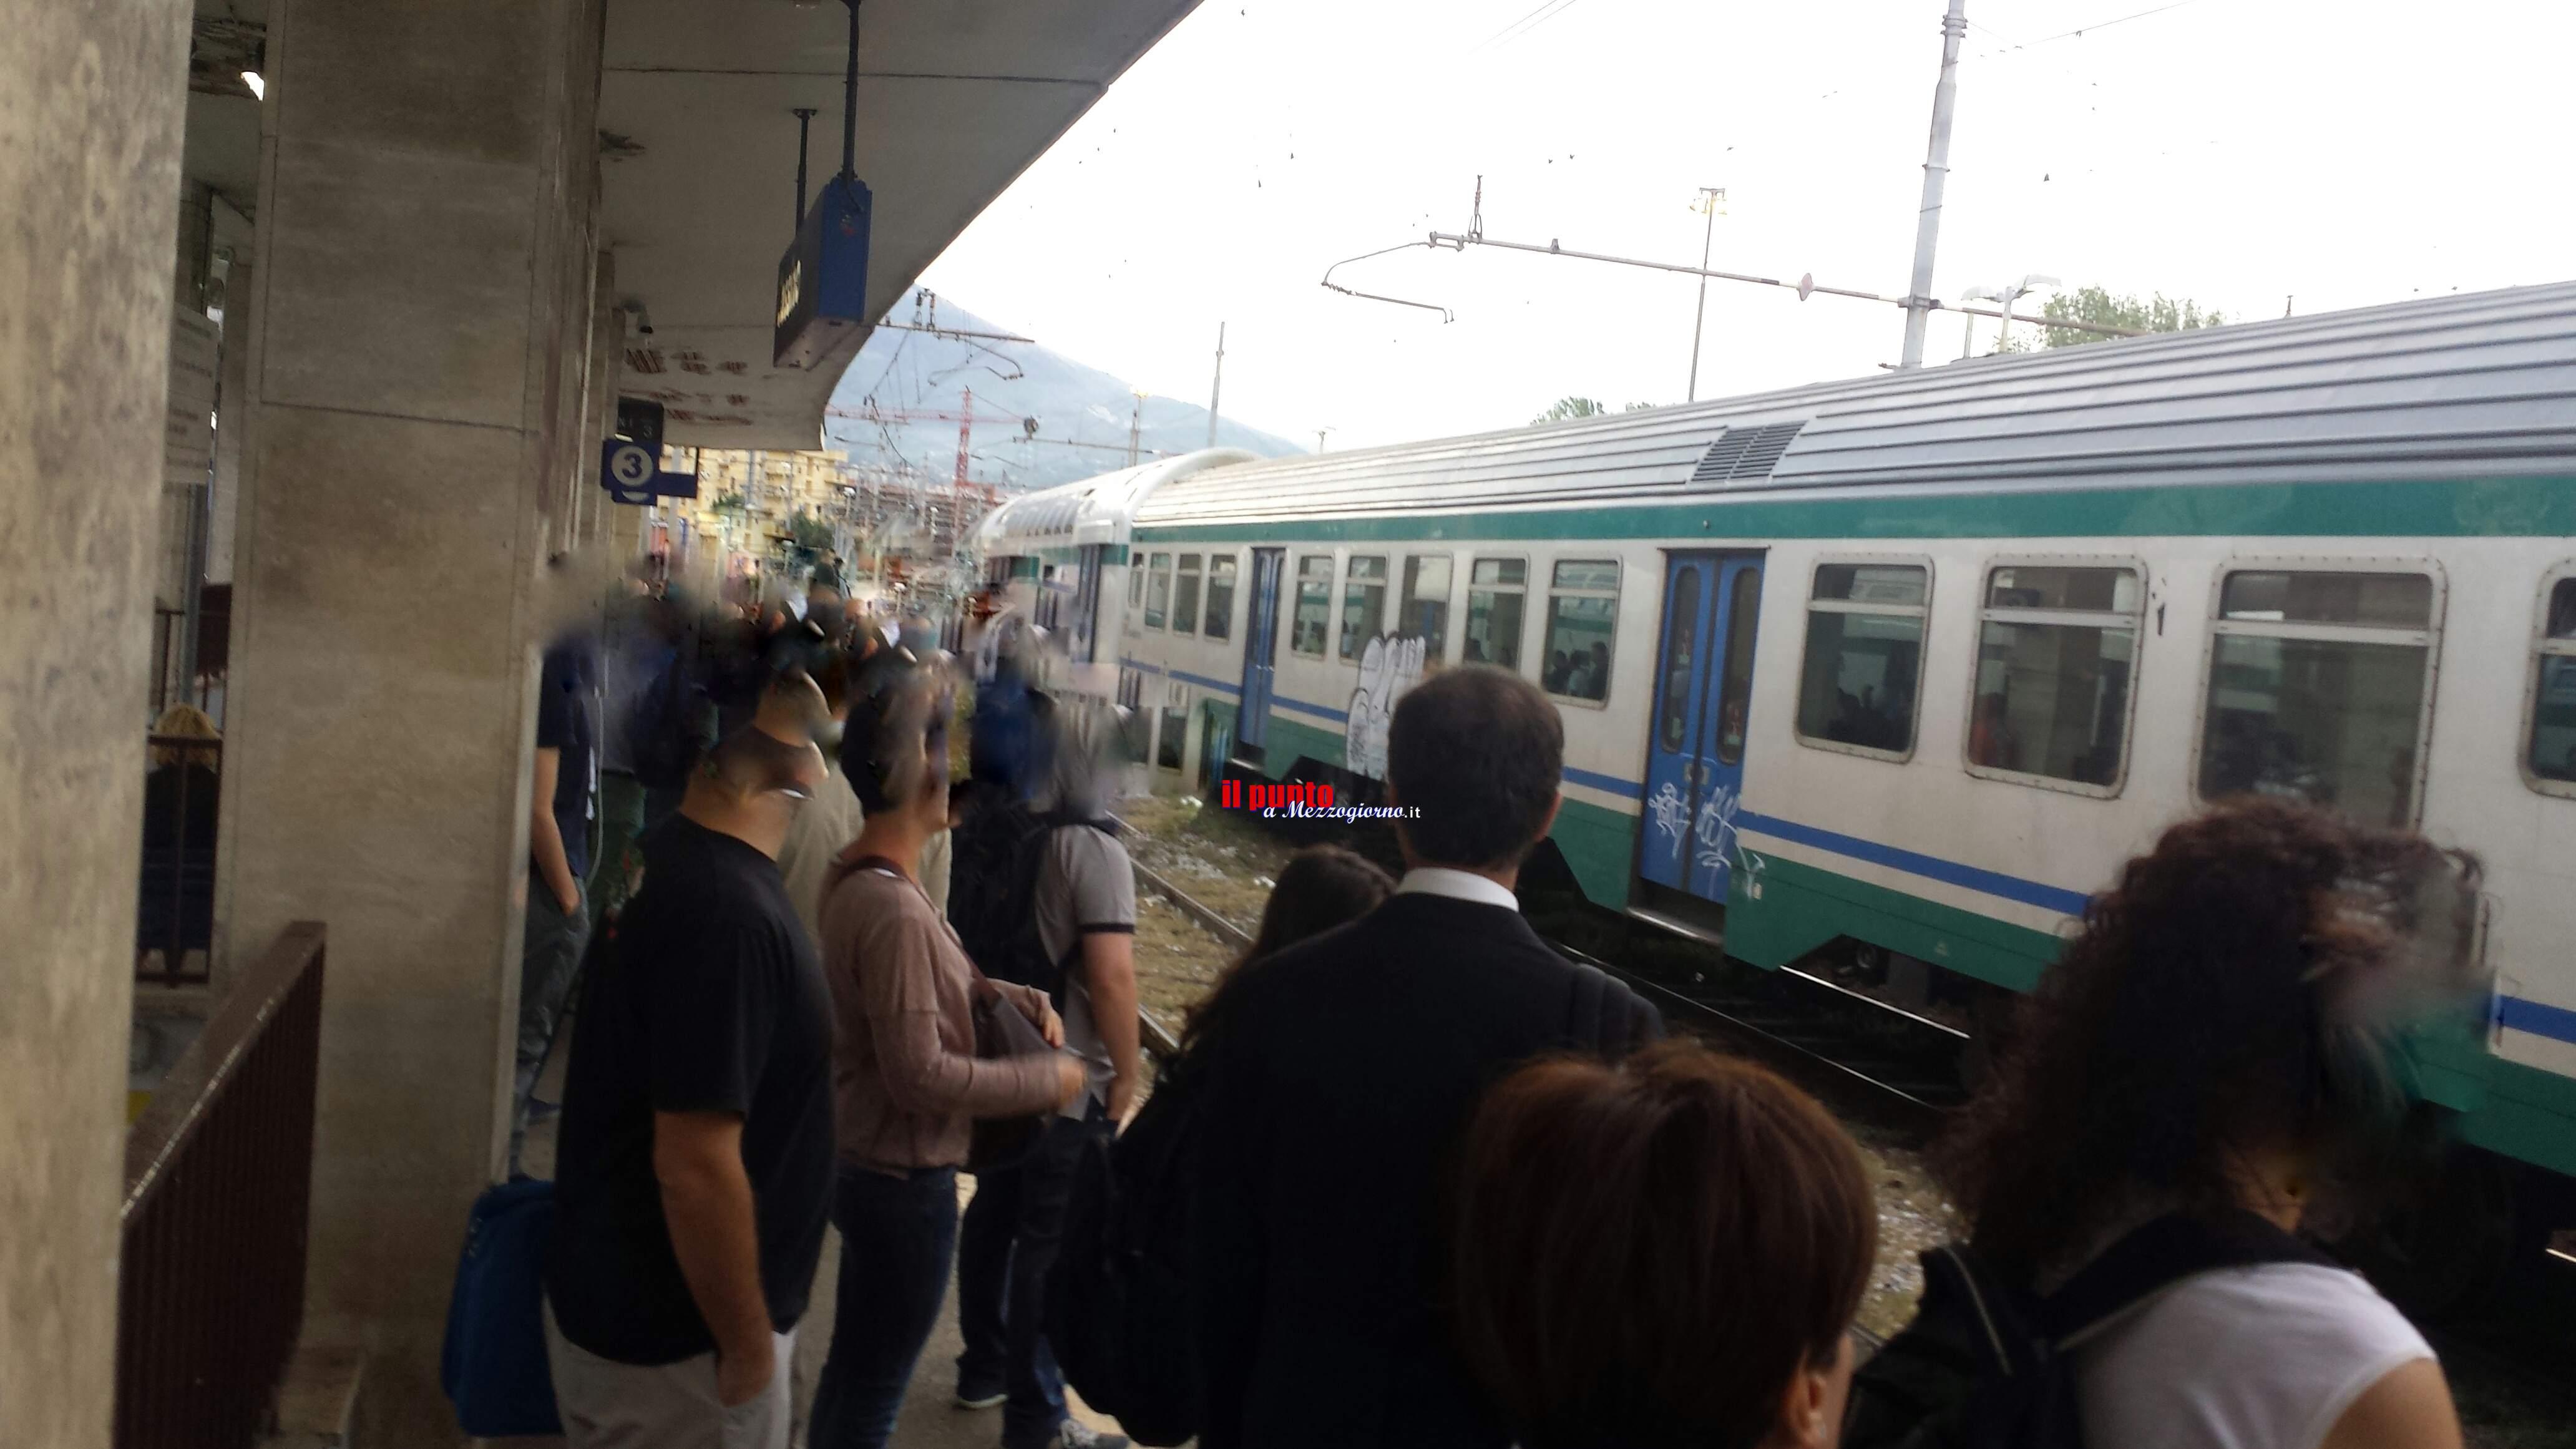 Treni fermi tra Roma e Napoli, disagi per pendolari di Cassino e Frosinone